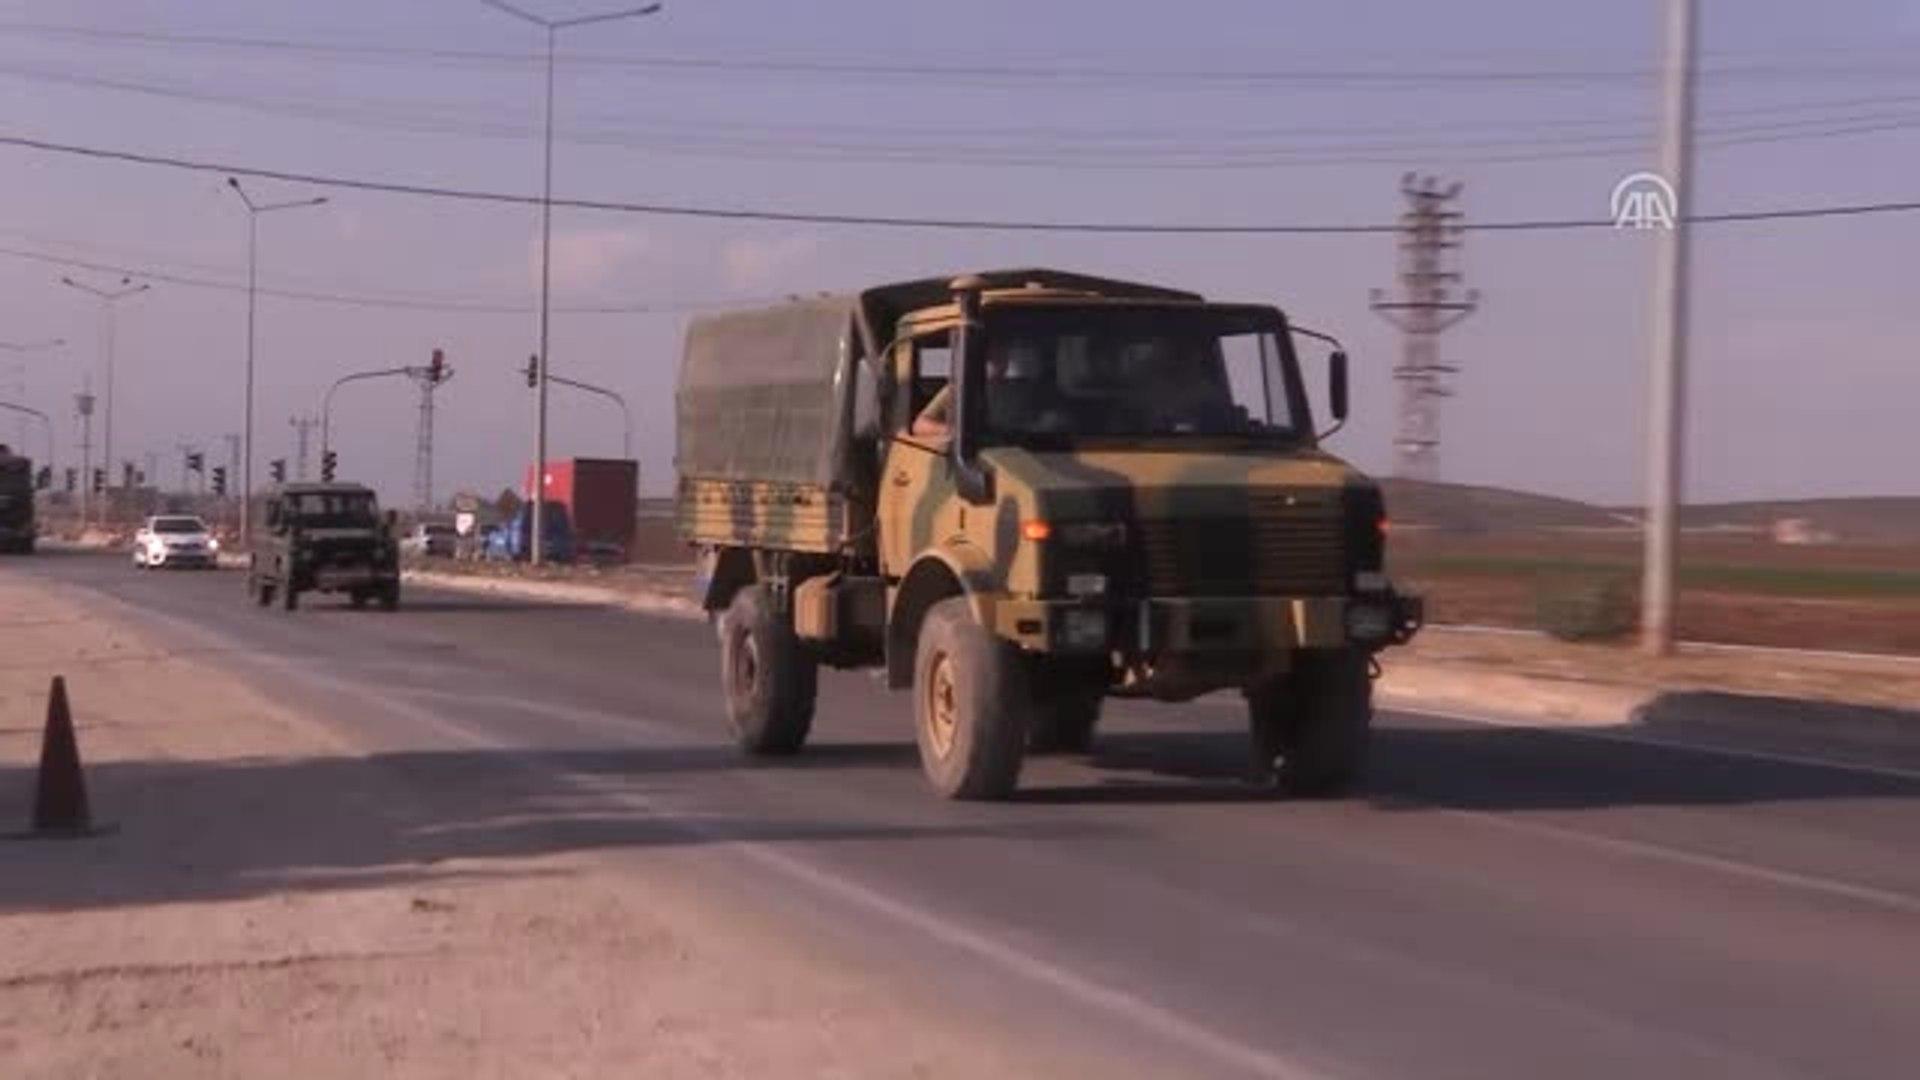 İdlib'de Çatışmasızlık Bölgesi - Obüs, Zırhlı Vinç ve Askeri Araçlar Sınır Hattına Konuşlandırı